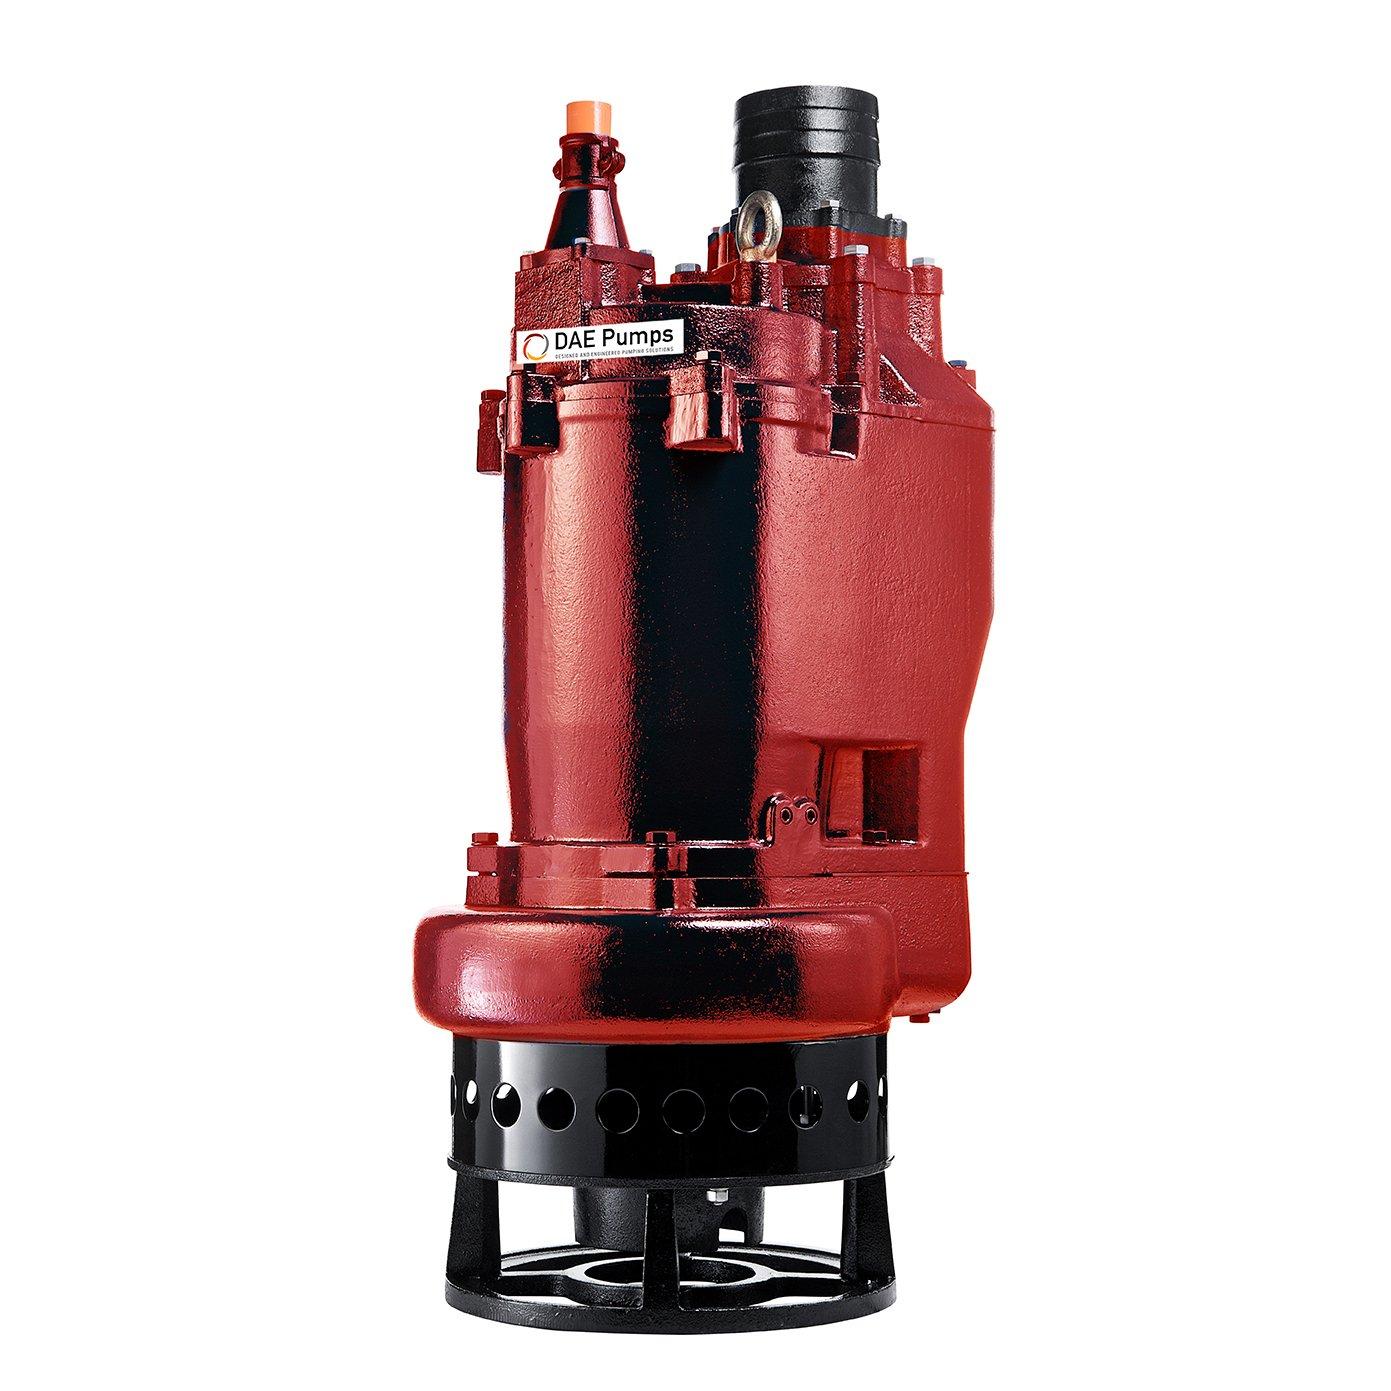 DAE Pumps 6220-P Submersible Slurry Pump